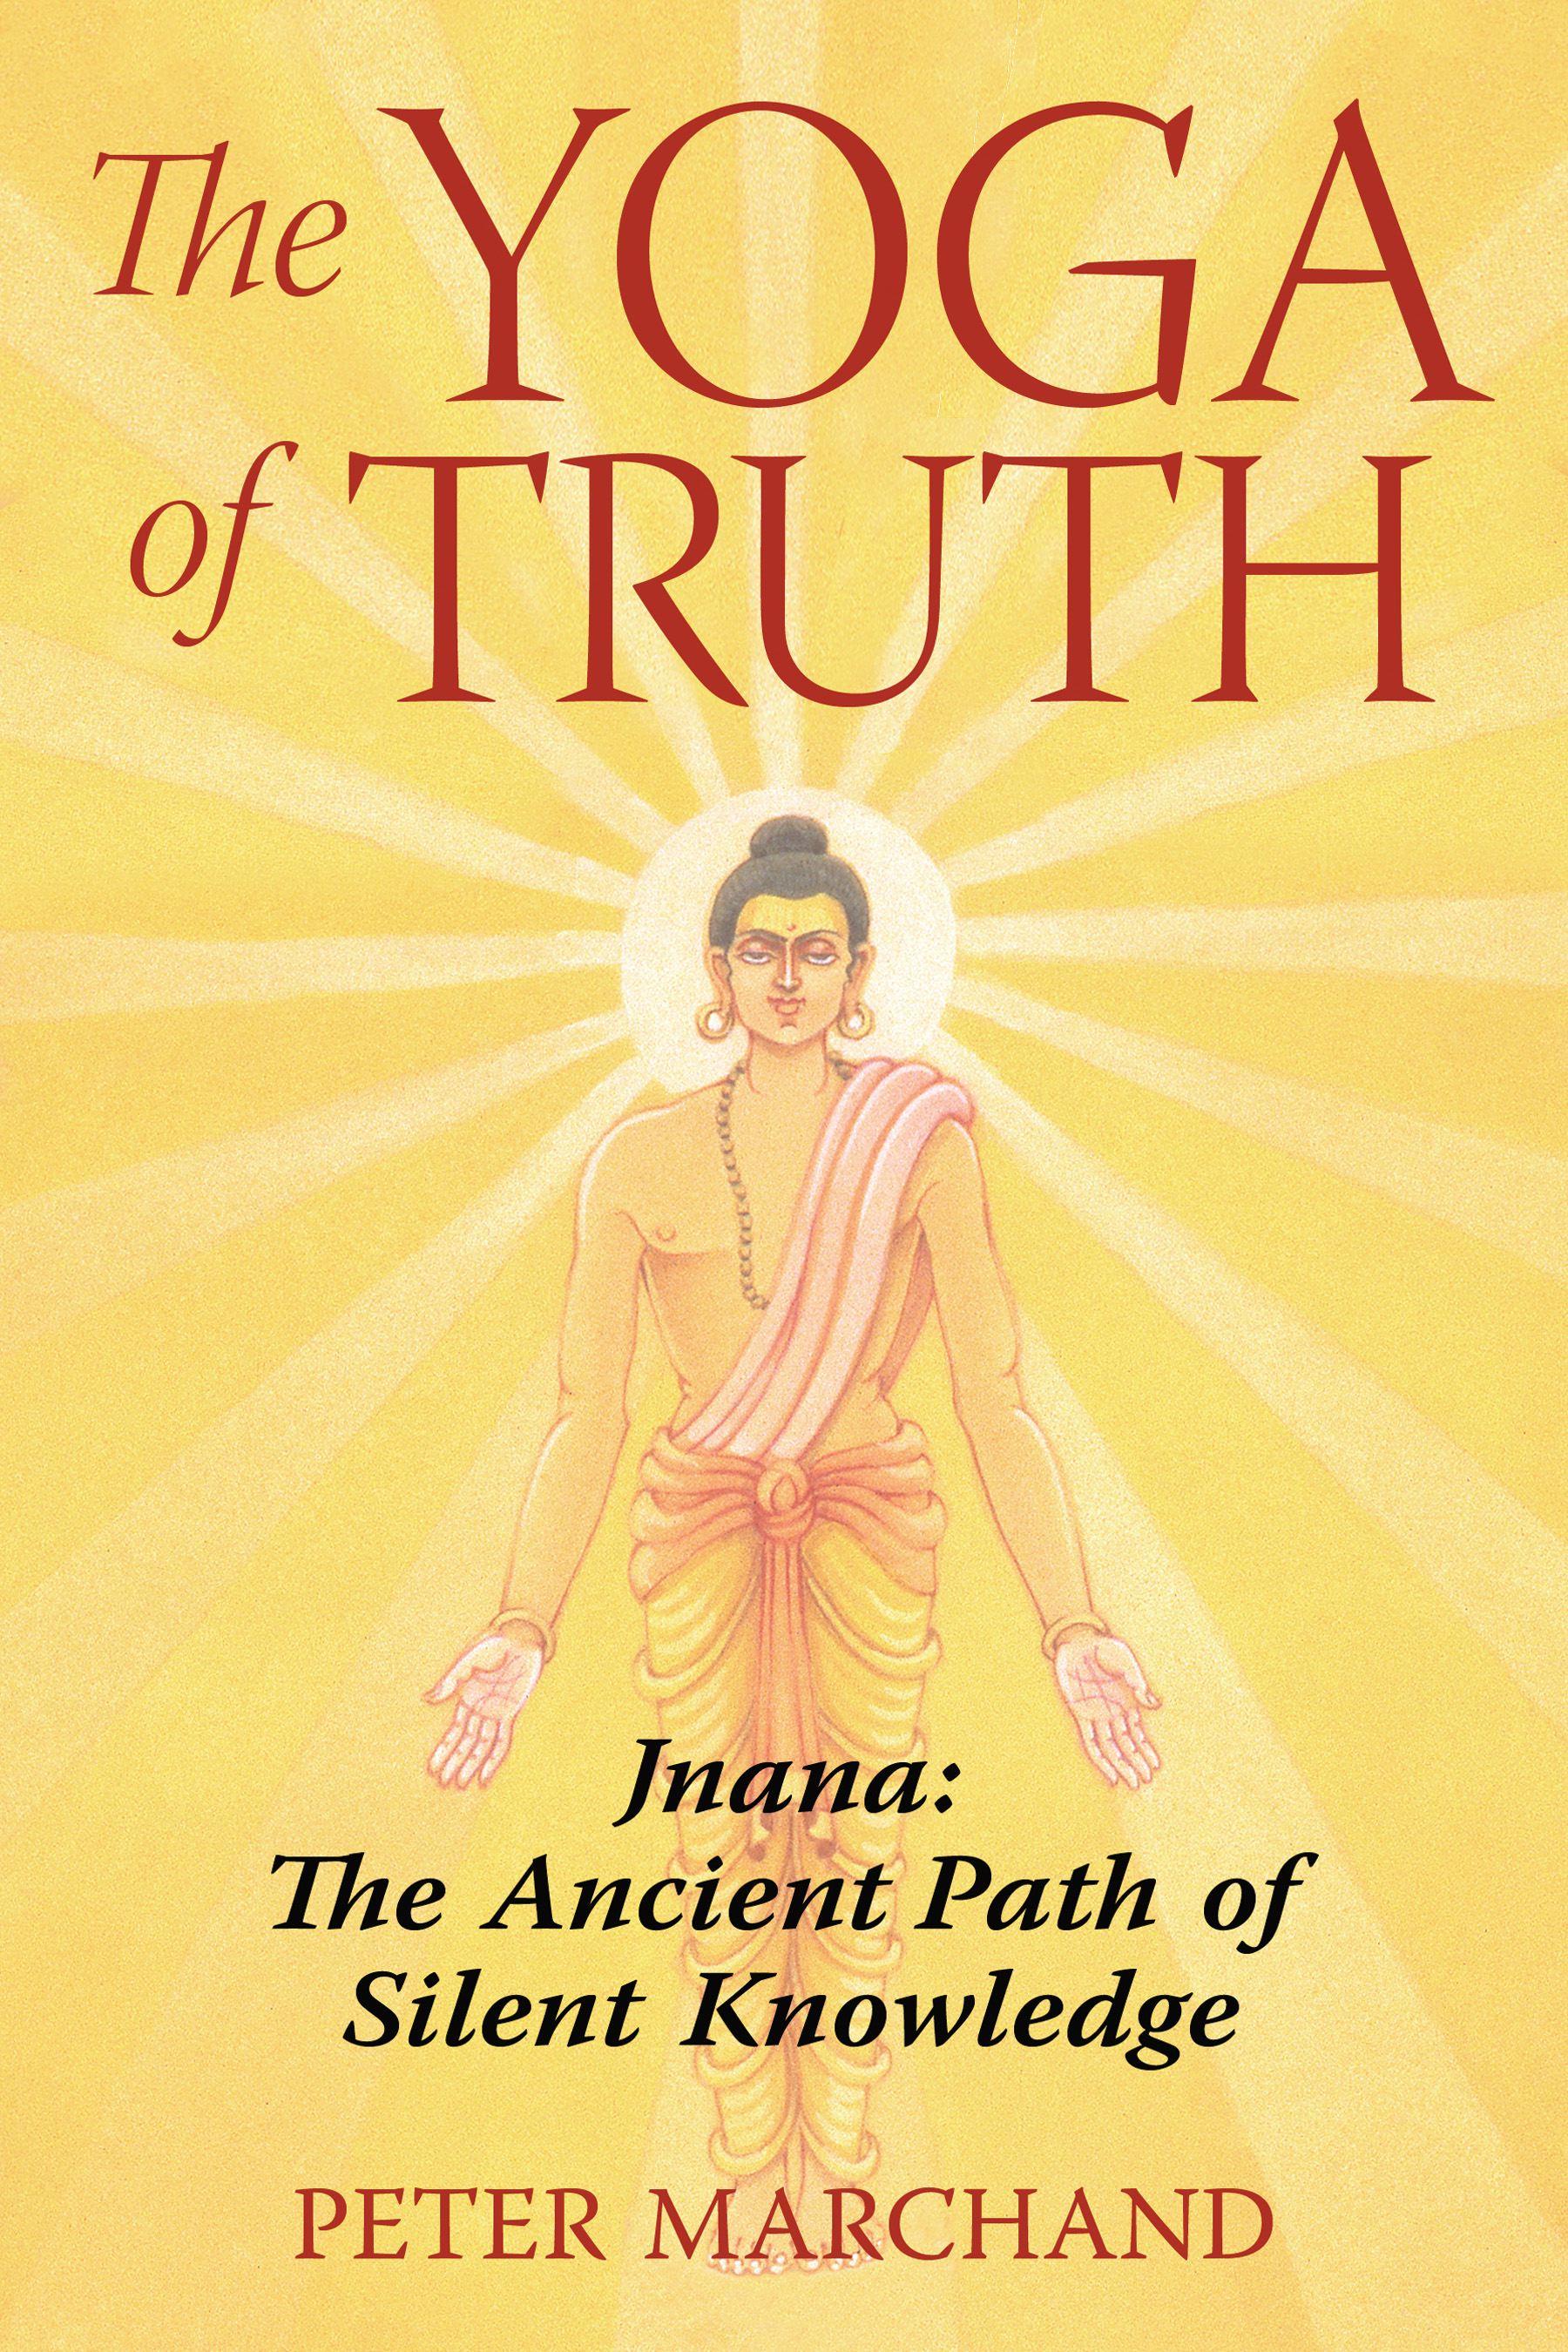 the-yoga-of-truth-9781594771651_hr.jpg